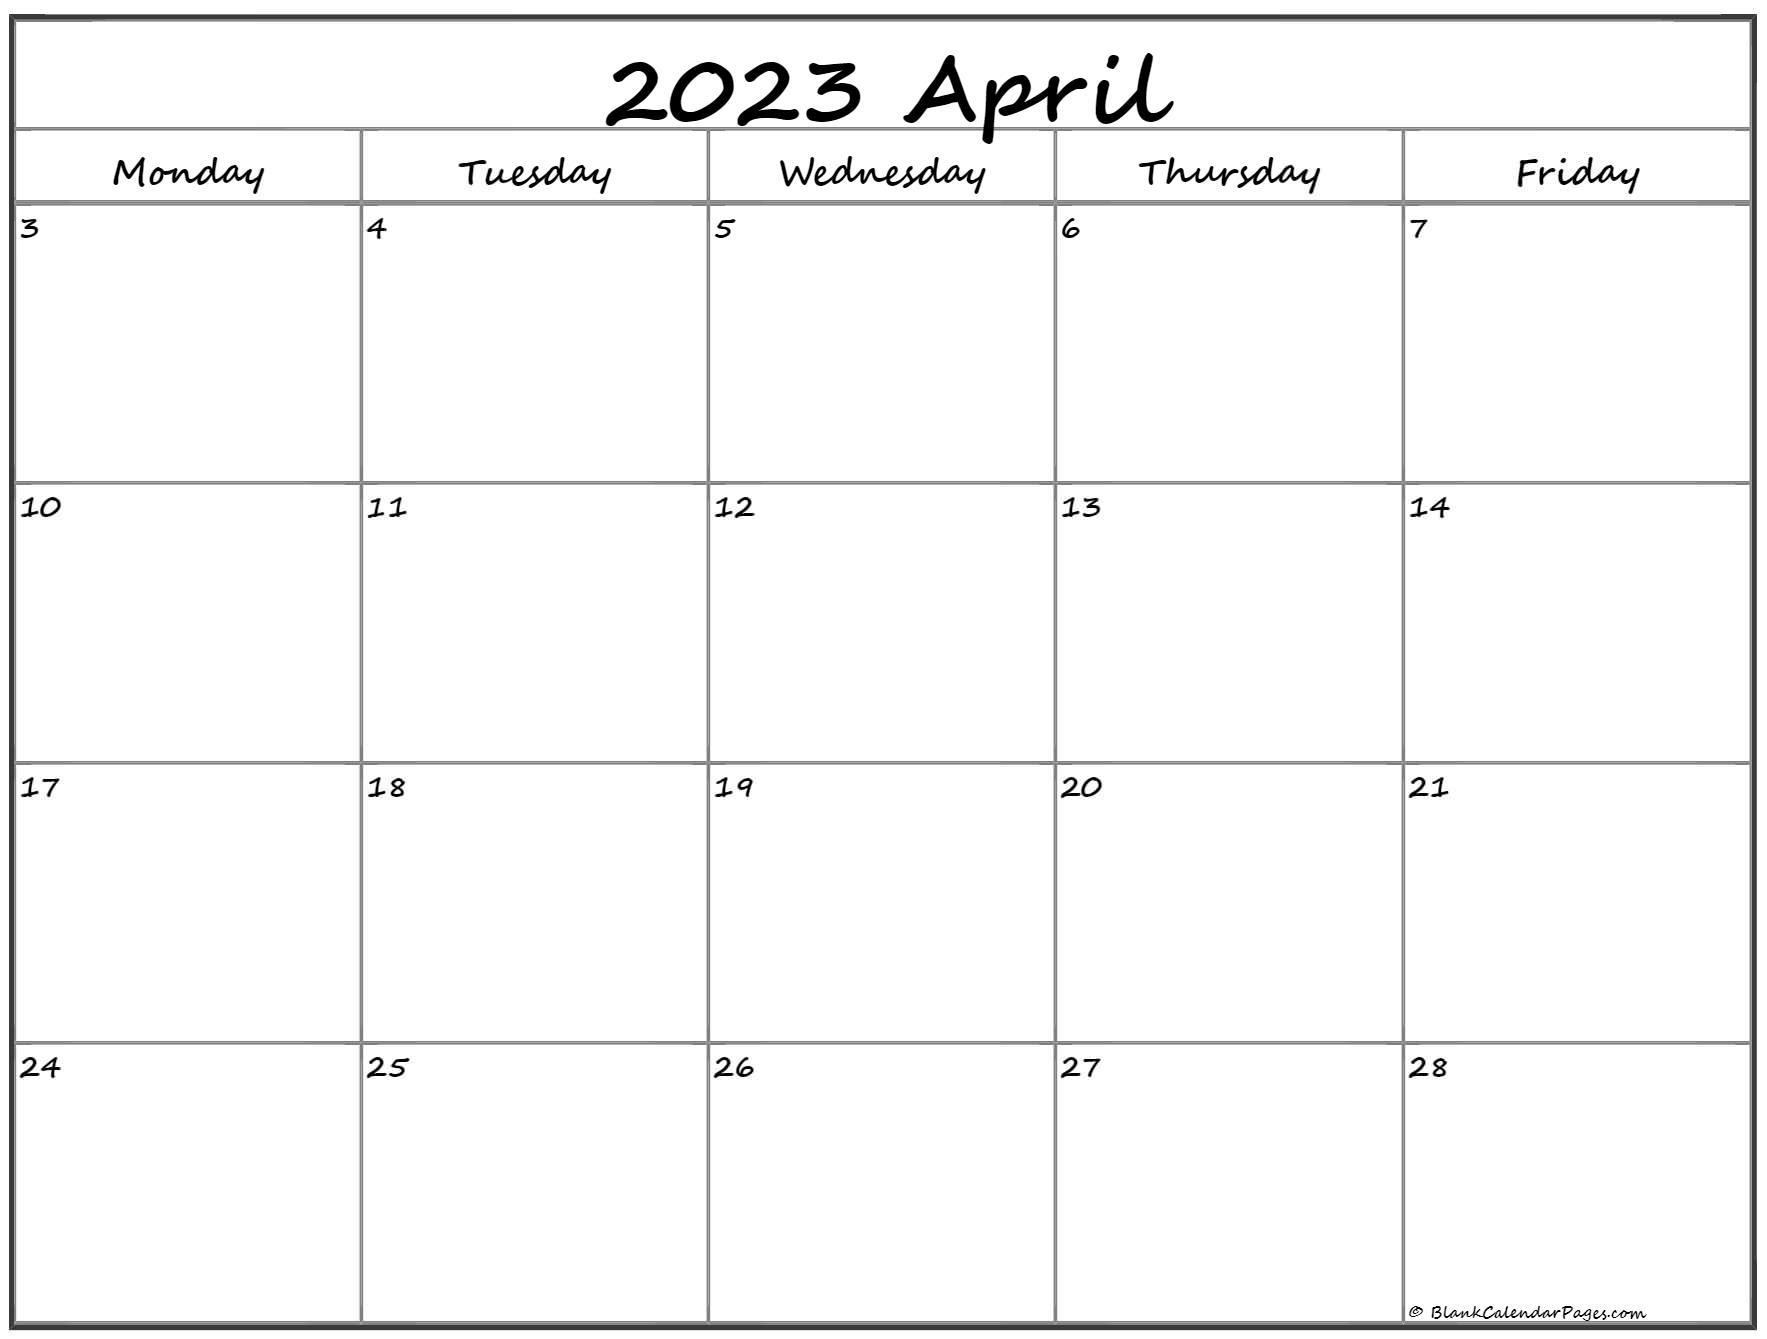 April 2022 Monday Calendar | Monday to Sunday